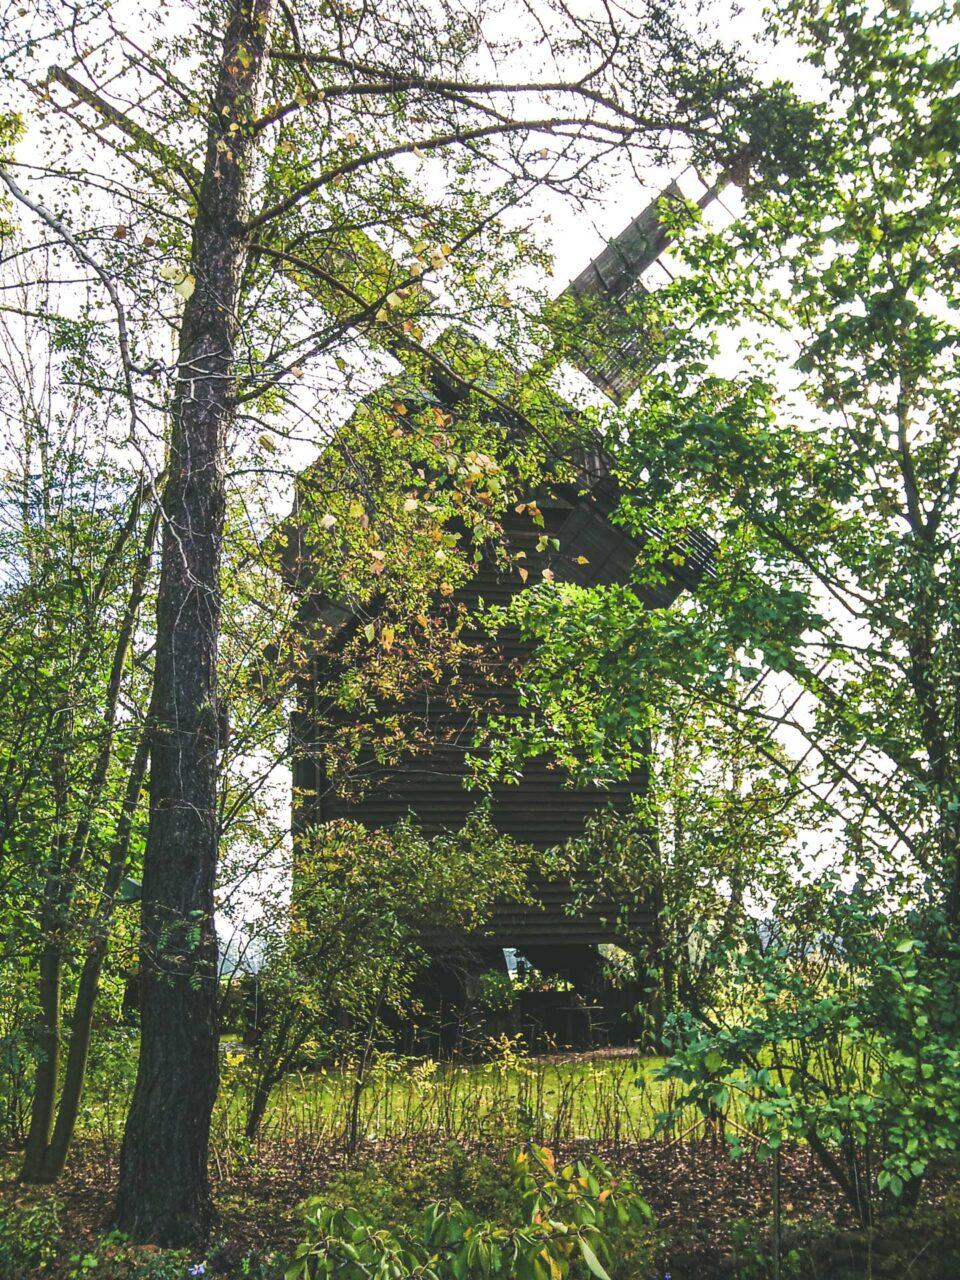 Direkt am Weg gelegen: die Hohlenbrücker Mühle. Eine original erhaltene Bockwindmühle aus der Mitte der 18. Jahrhunderts. Heute ausgebaut zum Wohnhaus.